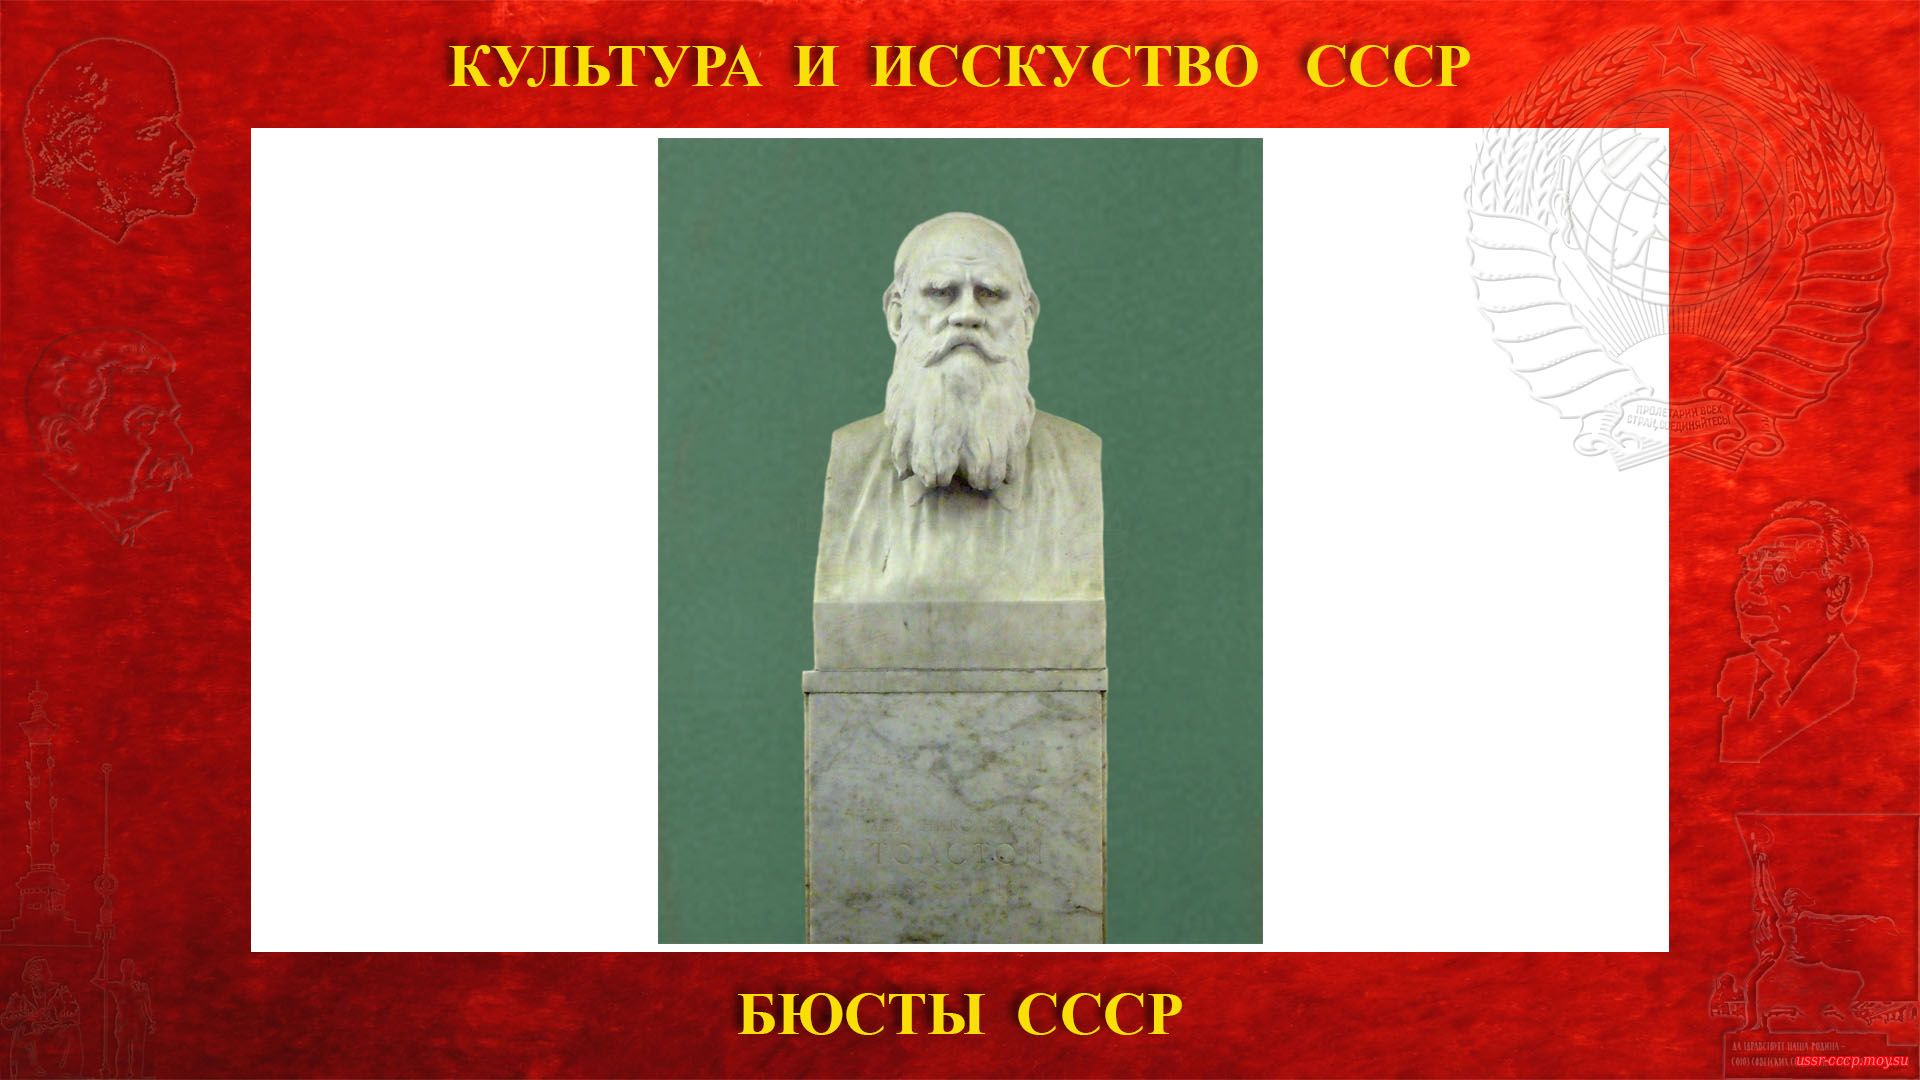 Бюст Толстому Л.Н. на Ленинских горах в ГЗ МГУ(Москва 1954) (повествование)